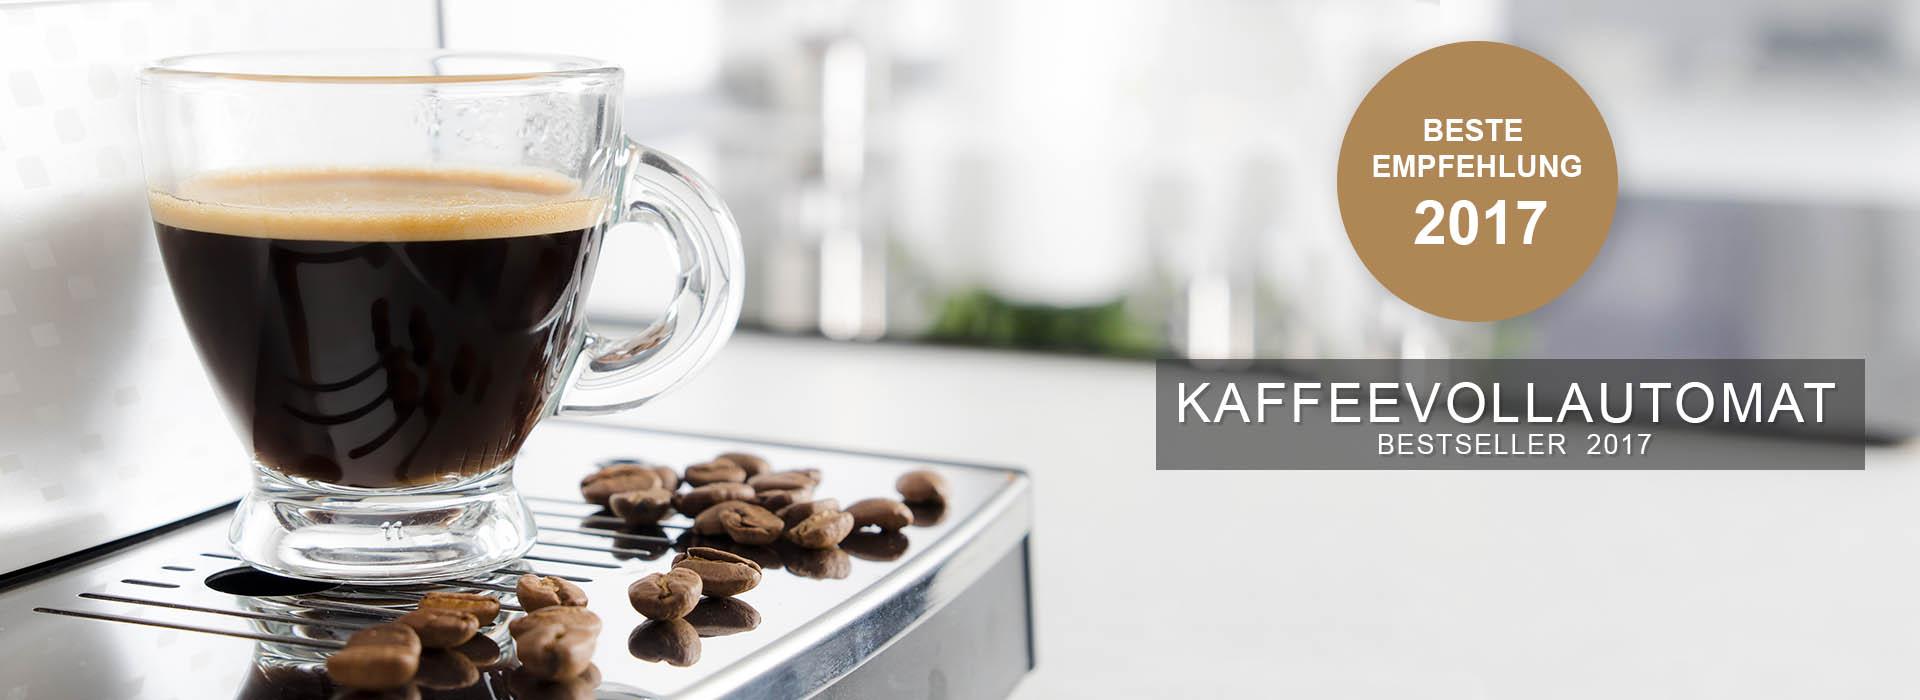 Kaffeevollautomat Testsieger 2017 | Test-Vergleiche.com | Die besten Kaffeevollautomat bis zu 70% günstiger bestellen » Kaffeevollautomat günstig kaufen